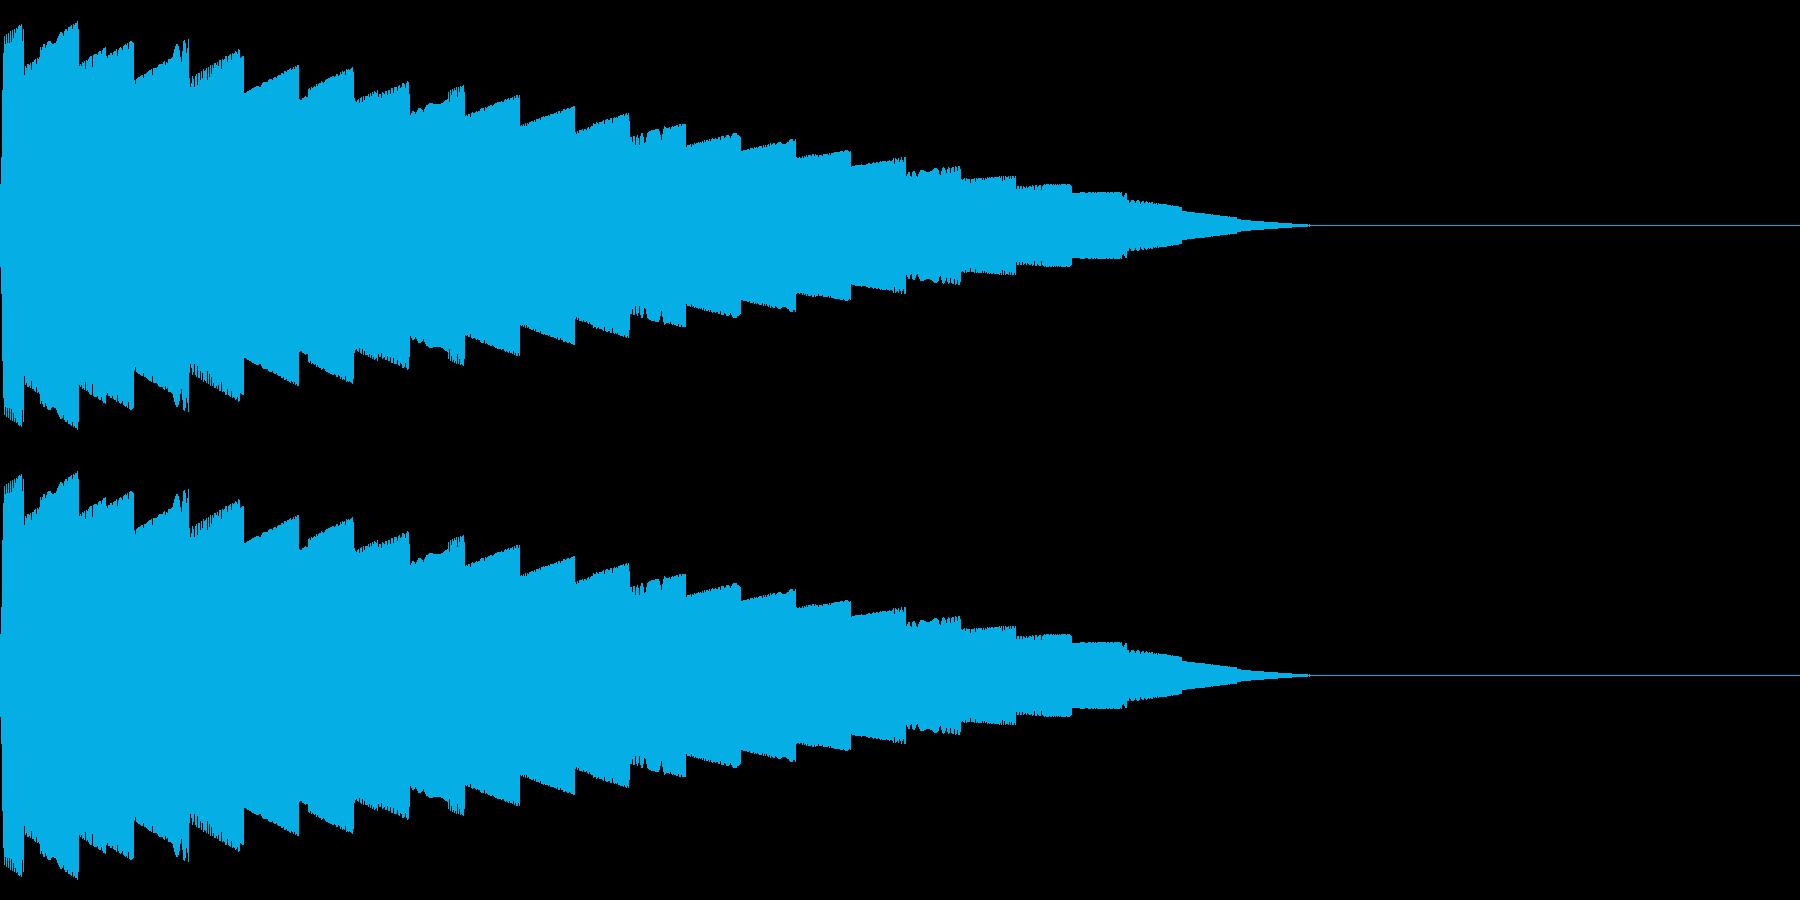 ピロリロ(ワープ/宇宙/ファミコンSFの再生済みの波形